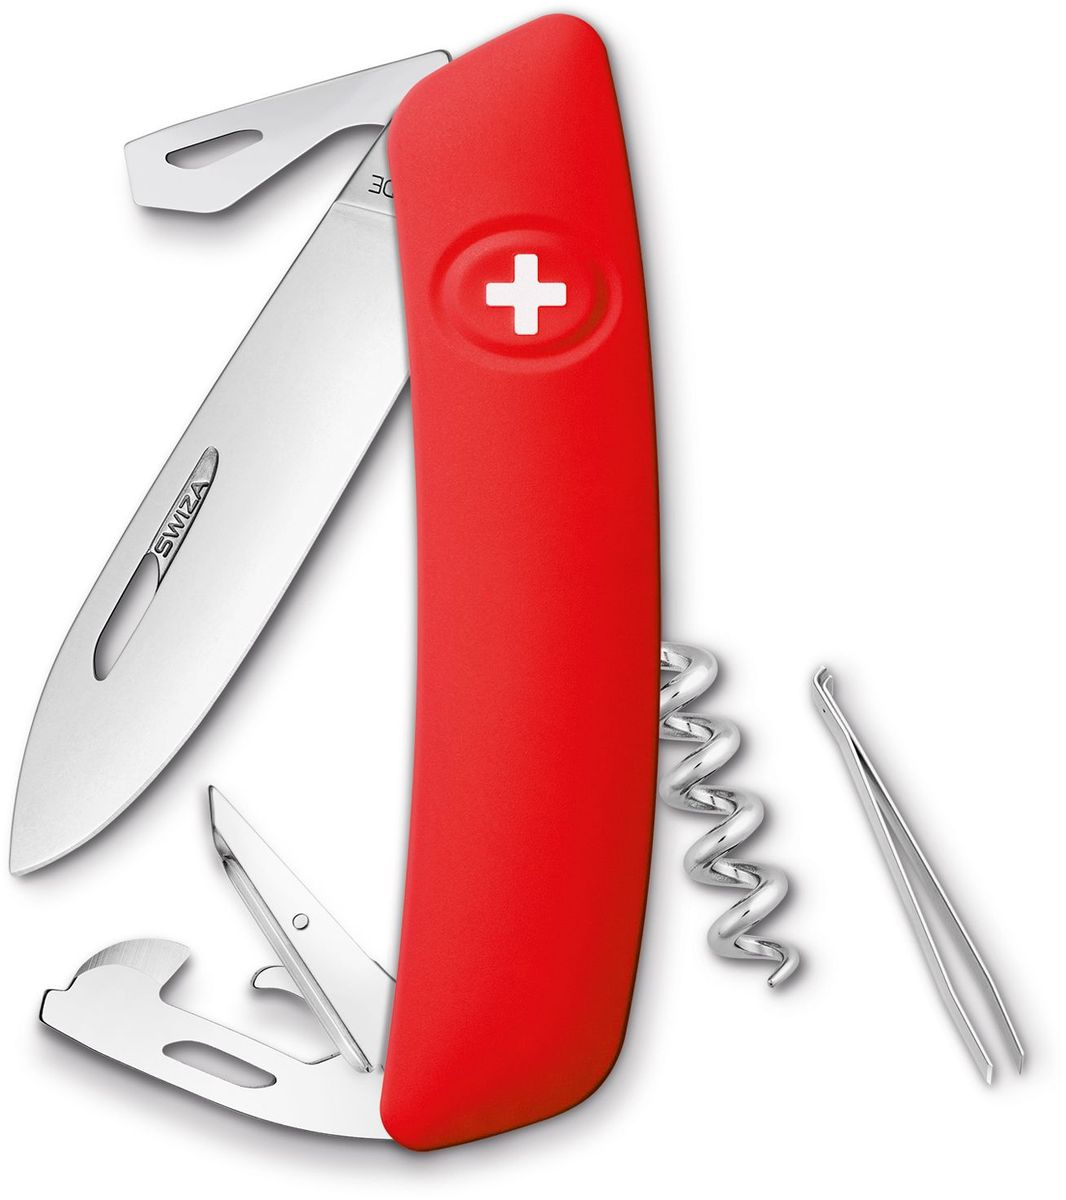 Нож швейцарский SWIZA D03, цвет: красный, длина клинка 7,5 см1301210Швейцарский нож (SWIZA D03) с его революционной формой и безопасной рукояткой, легко раскладываемой ручкой - самый удобный и простой в использовании швейцарский нож на все времена. Эргономично изогнутая форма ножа обеспечивает более легкий доступ к инструментам, а пазы позволяют легко их открывать, как левой, так и правой рукой.1. нож перочинный, 2.Штопор, 3. ример/дырокол 4. шило, 5. безопасная блокировка лезвий, 6. пинцет 7. консервный нож, 8 Wire Bender (для проволоки), 9 Отвертка №1, 10. Отвертка №3, 11. Открывалка для бутылок